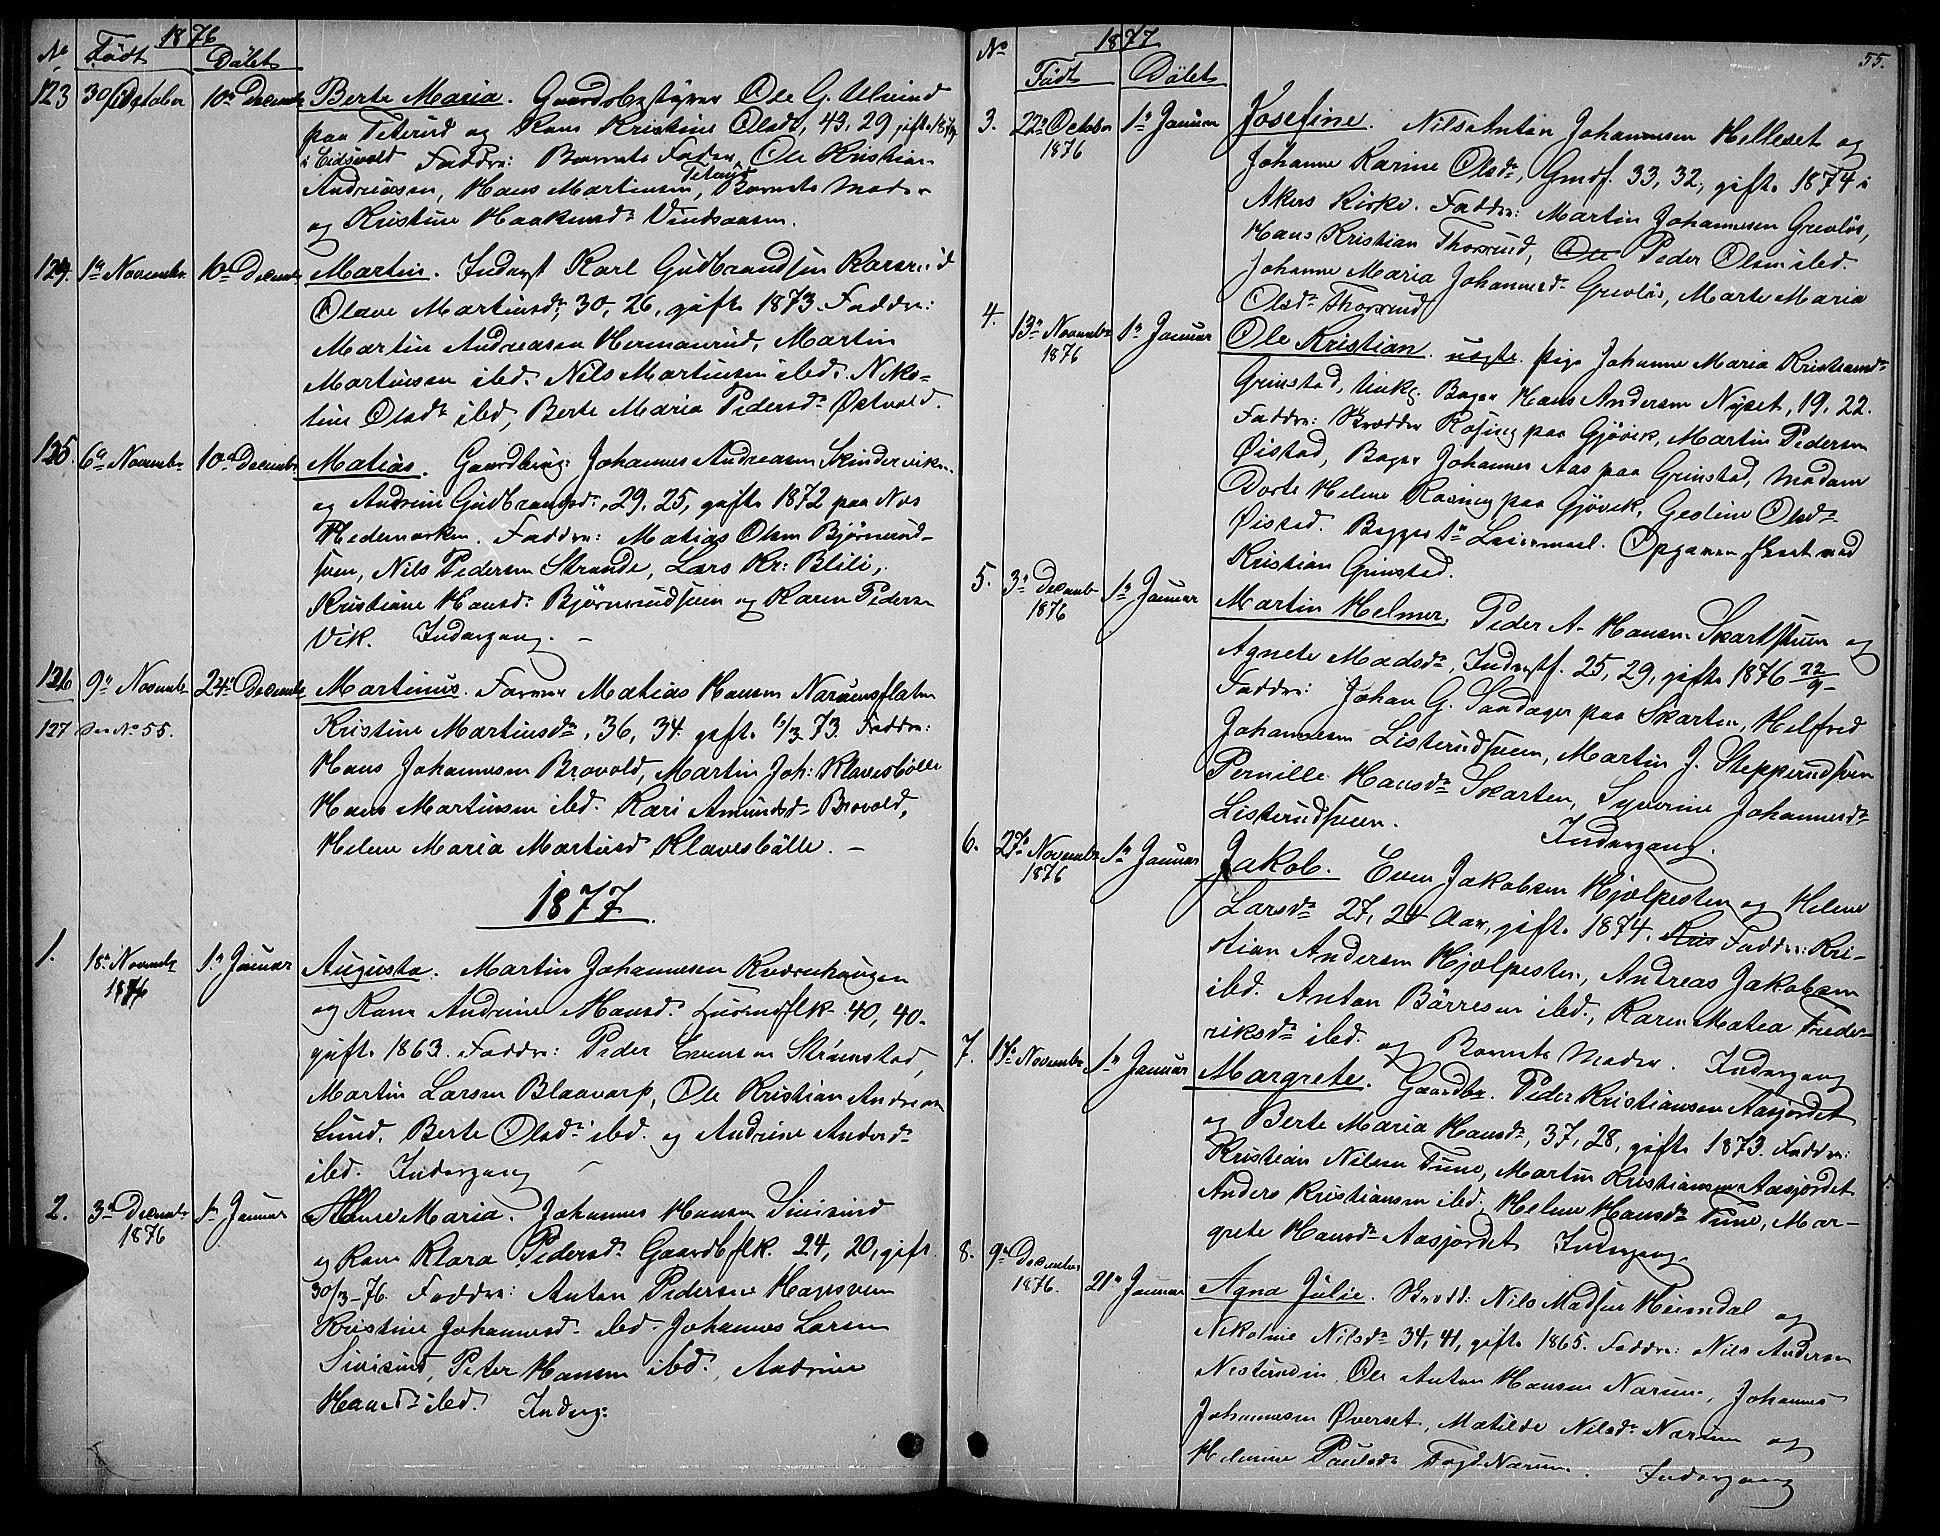 SAH, Vestre Toten prestekontor, H/Ha/Hab/L0006: Klokkerbok nr. 6, 1870-1887, s. 55